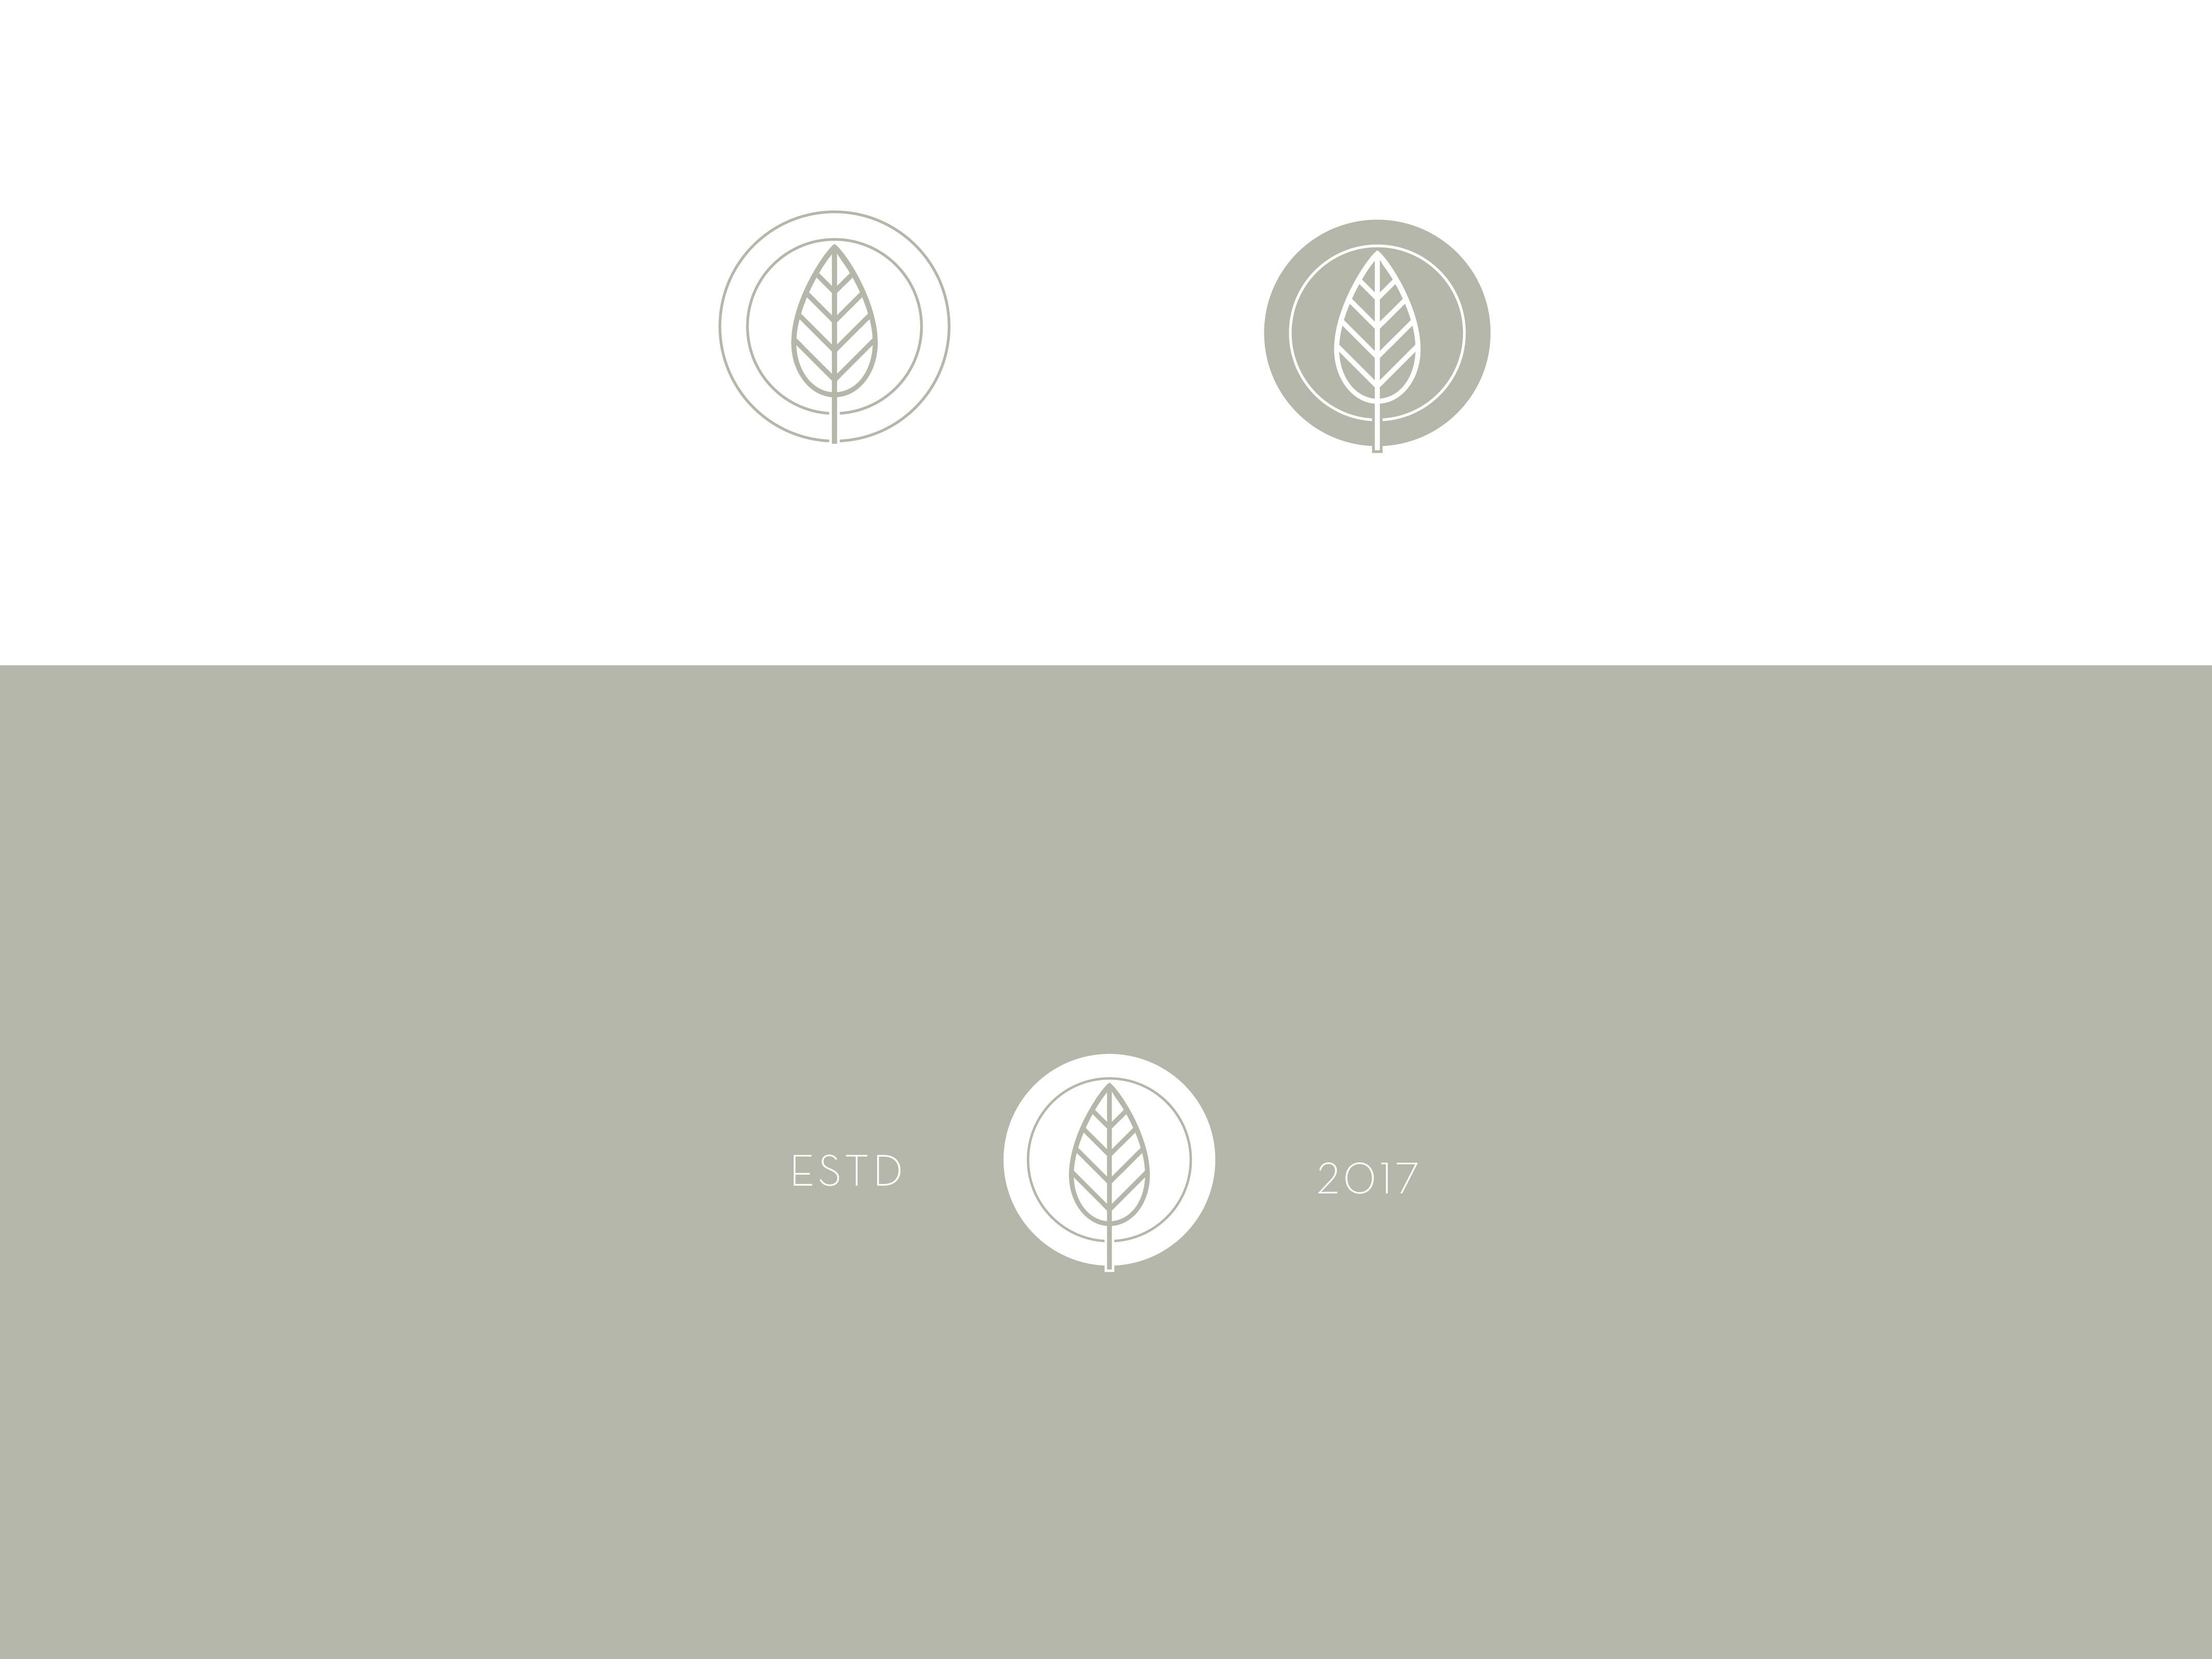 mariebabeau_graphiste-photographe-freelance-strasbourg-creation de logo-identite-marque de the-H.O.P.E-miniature-01